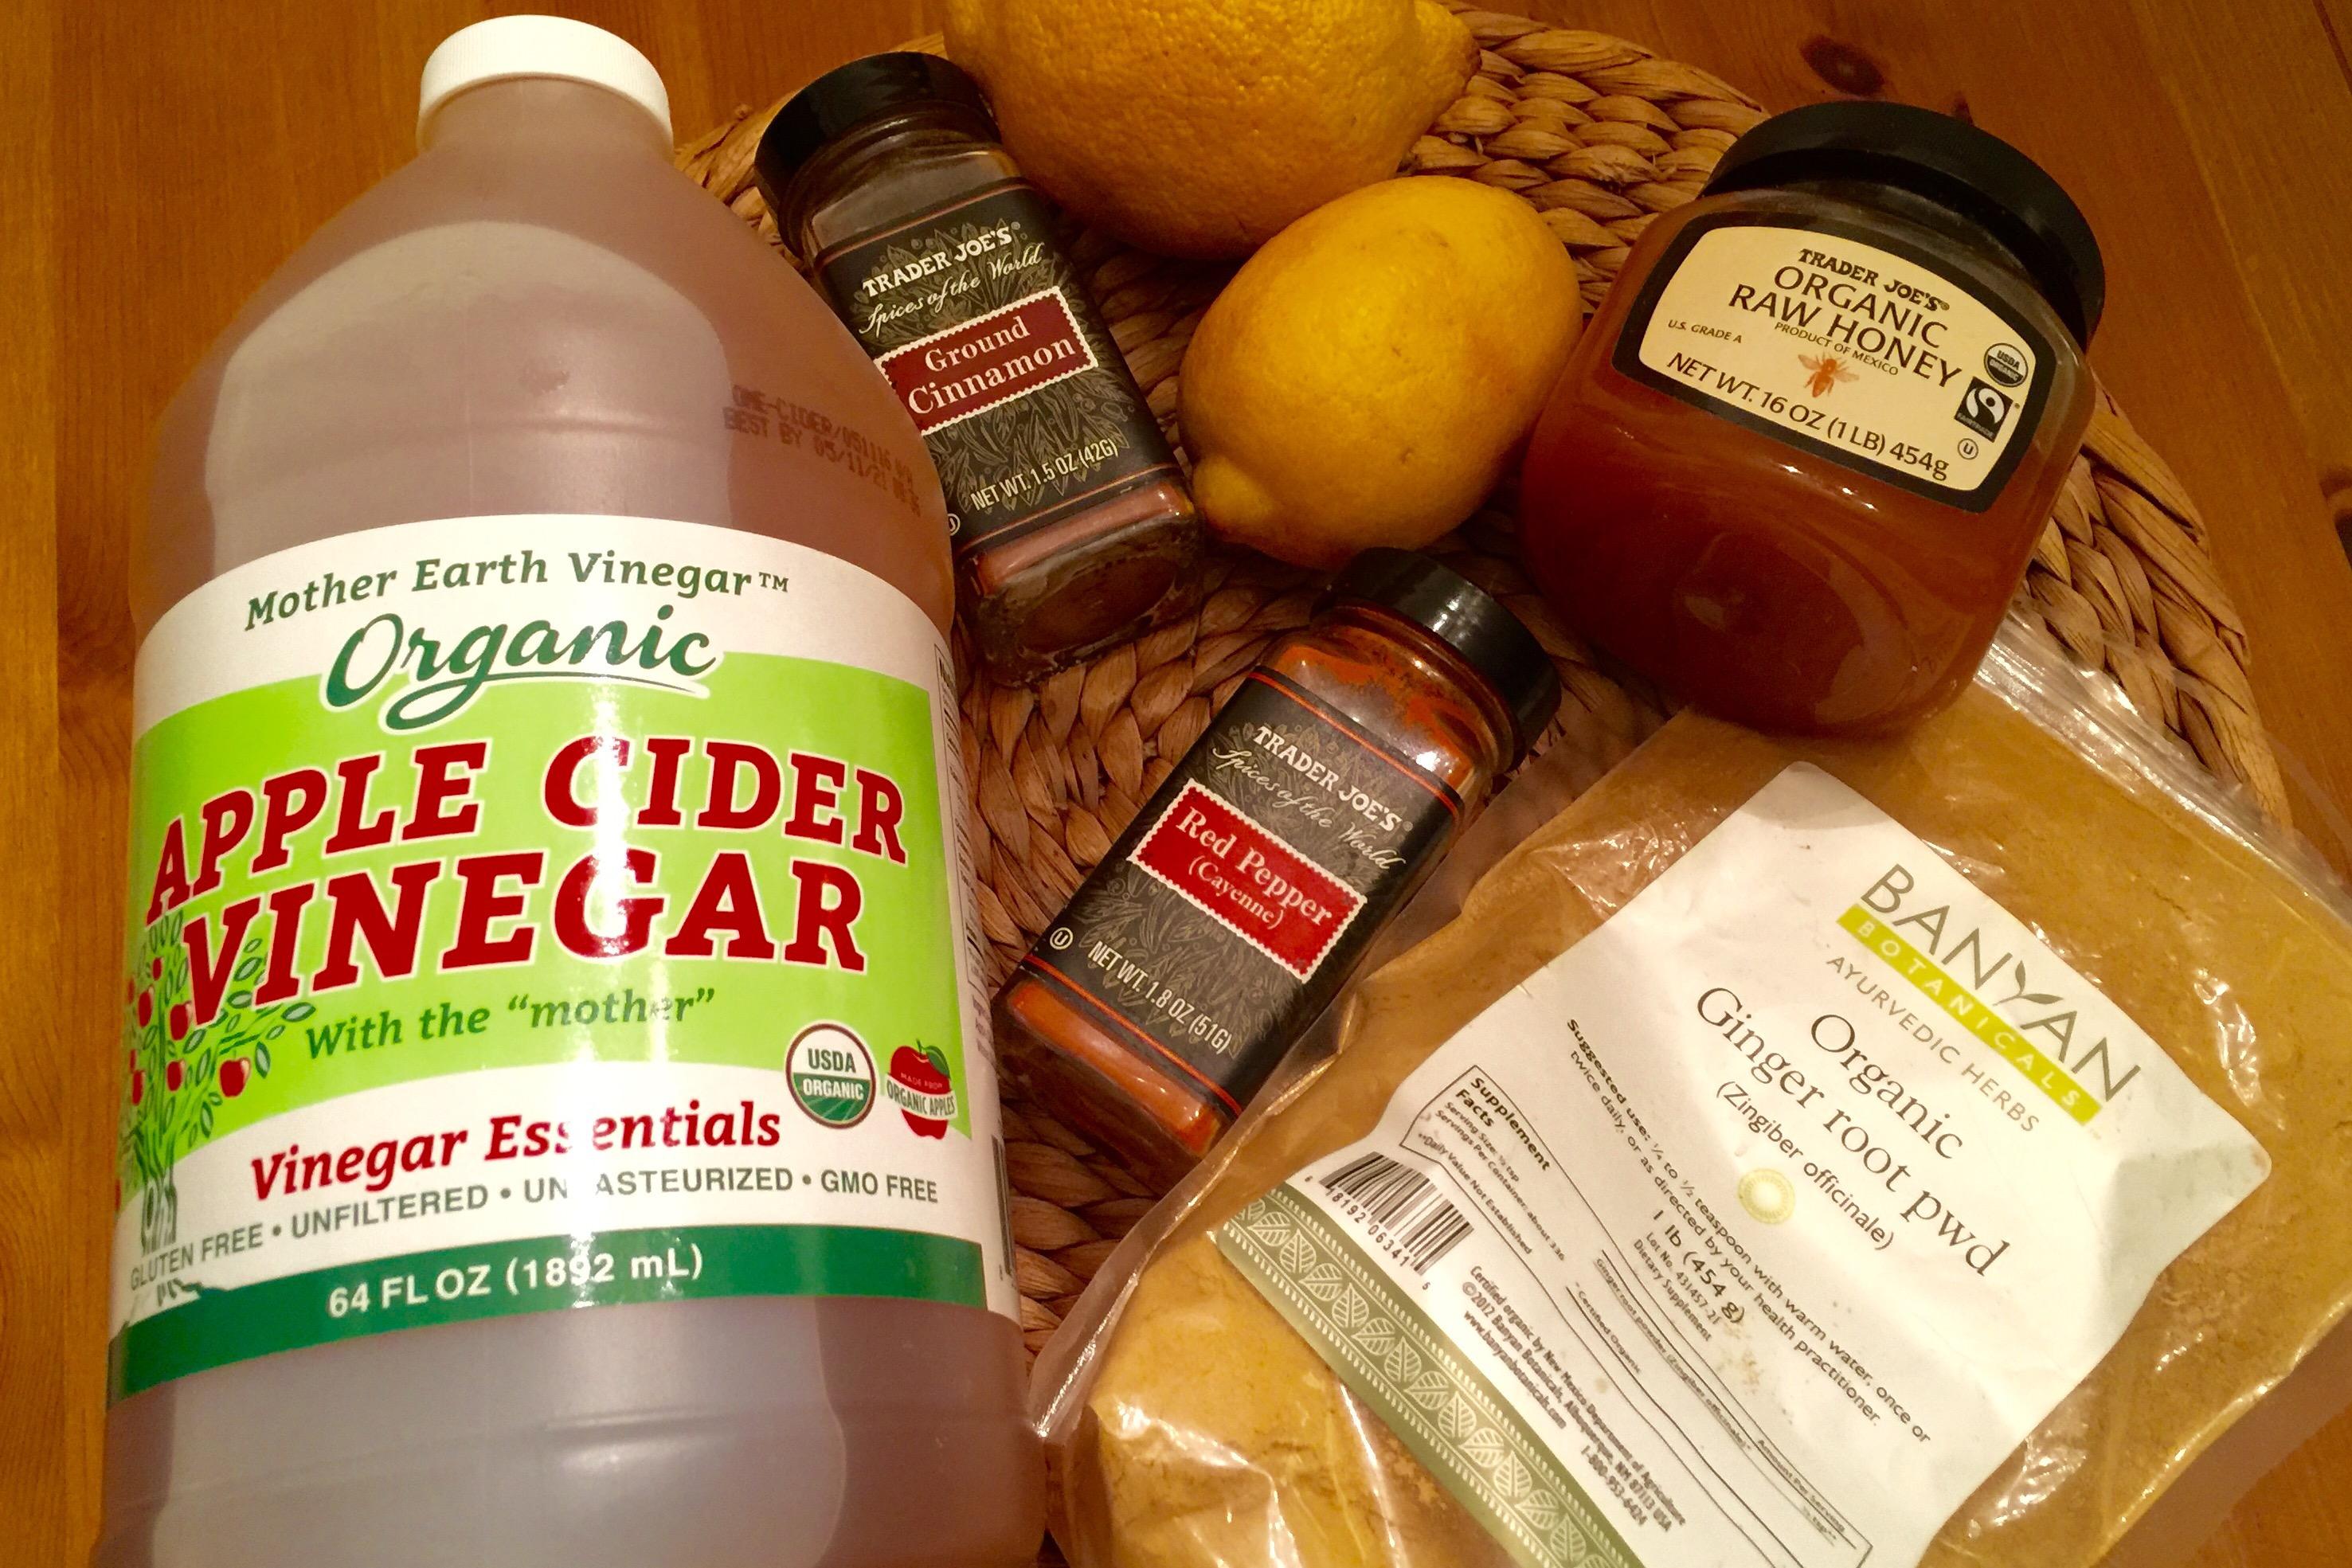 Смотреть Напиток для похудения, очищения, улучшения пищеварения: рецепт видео